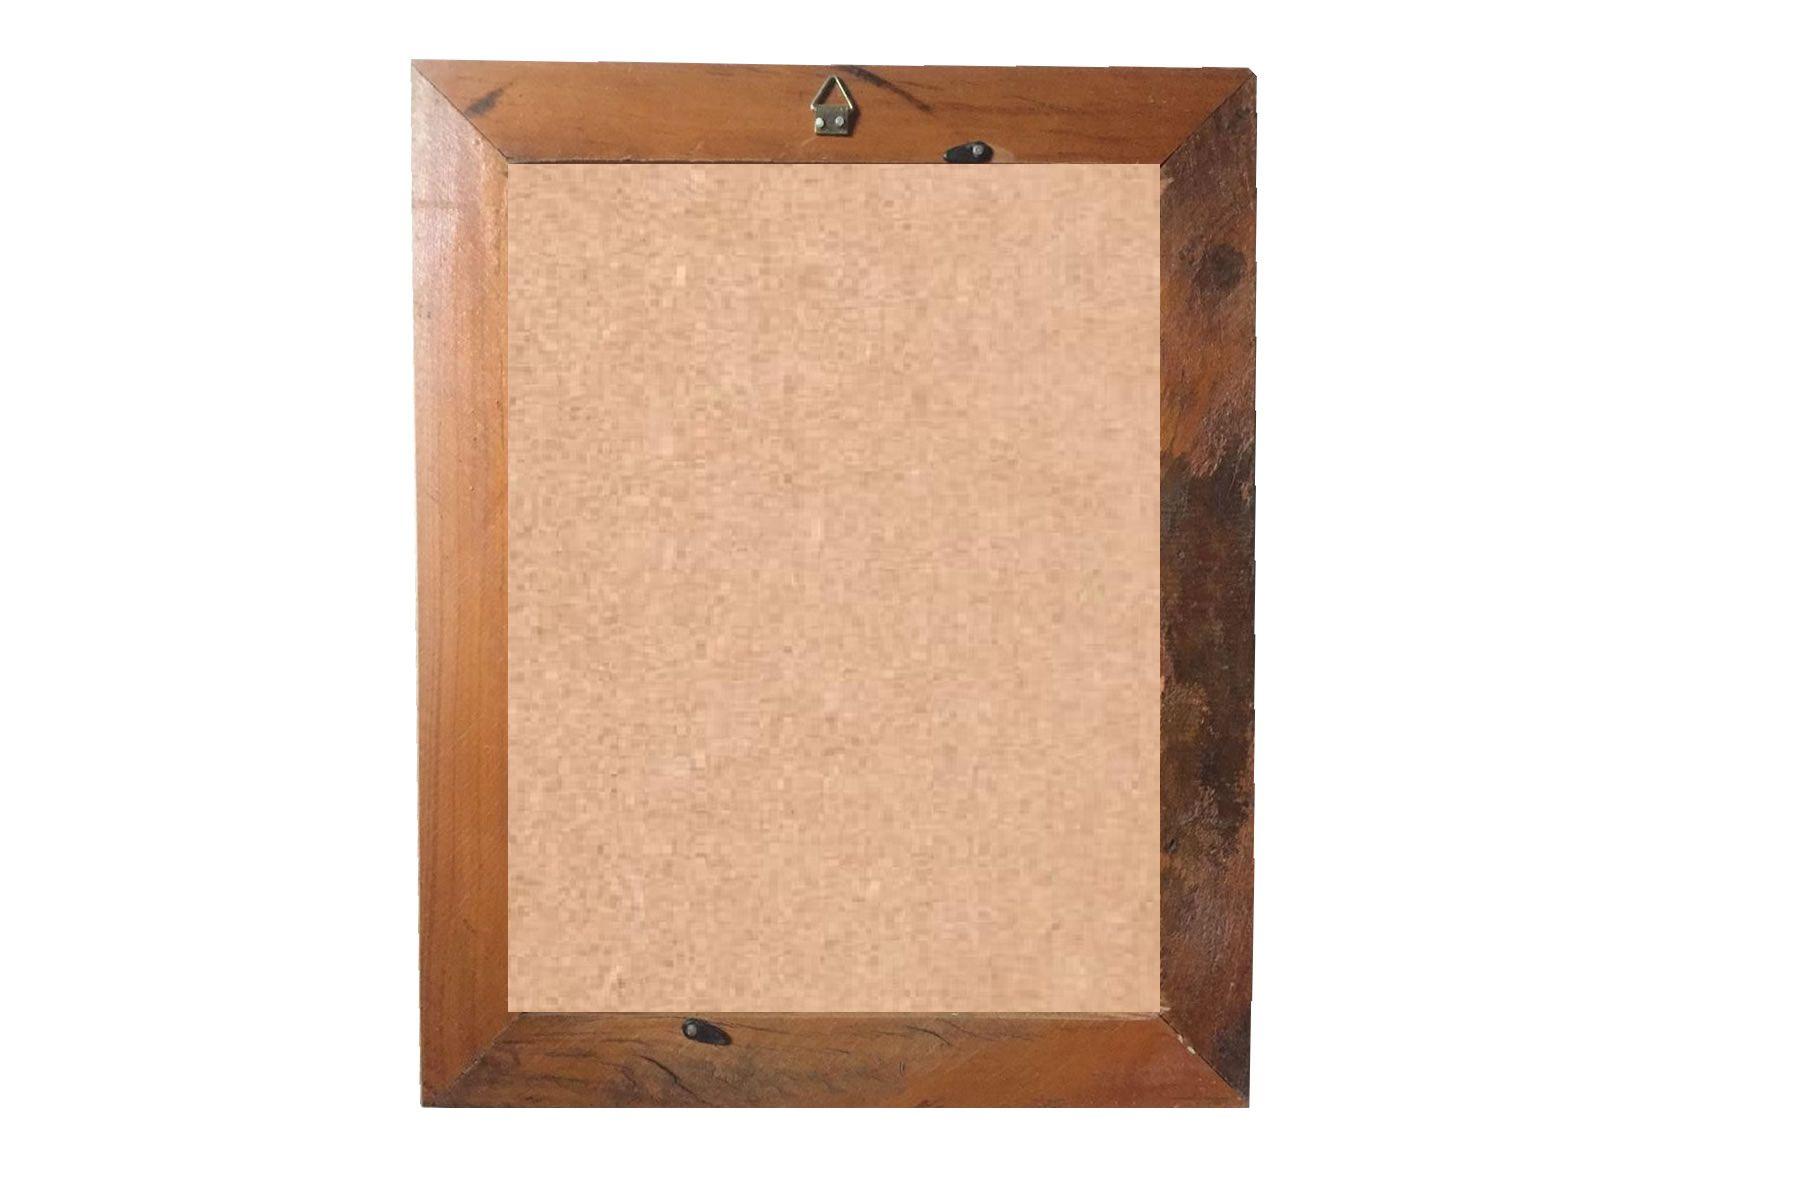 Kit 4 Moldura Rústica Quadro/certificado A4 (21x30cm) C/ Vidro